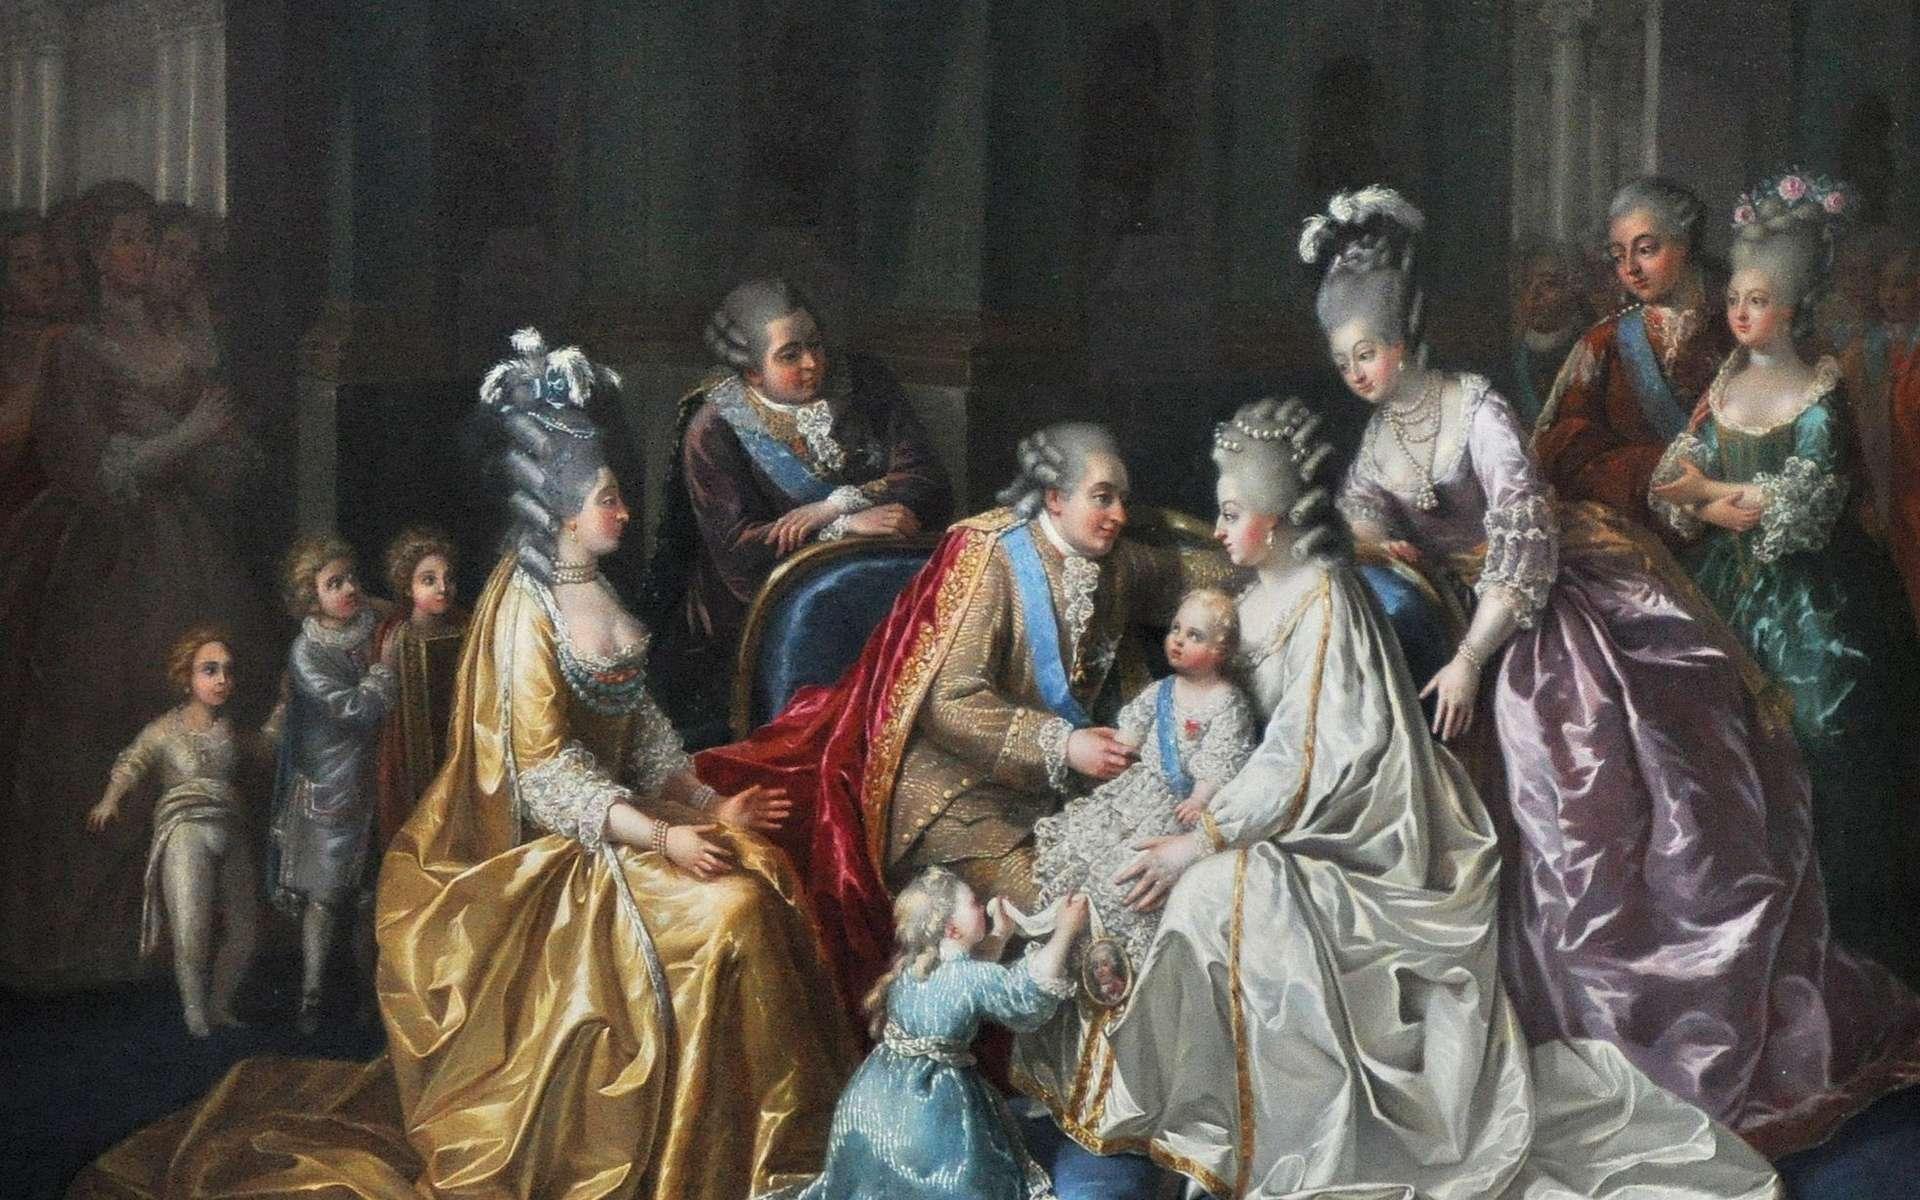 Les relations intimes ont été rares entre Louis XVI et Marie-Antoinette. Sur ce tableau, la famille royale est réunie autour du dauphin Louis-Joseph-Xavier-François en 1782. © Wikimedia Commons, cc by sa 3.0